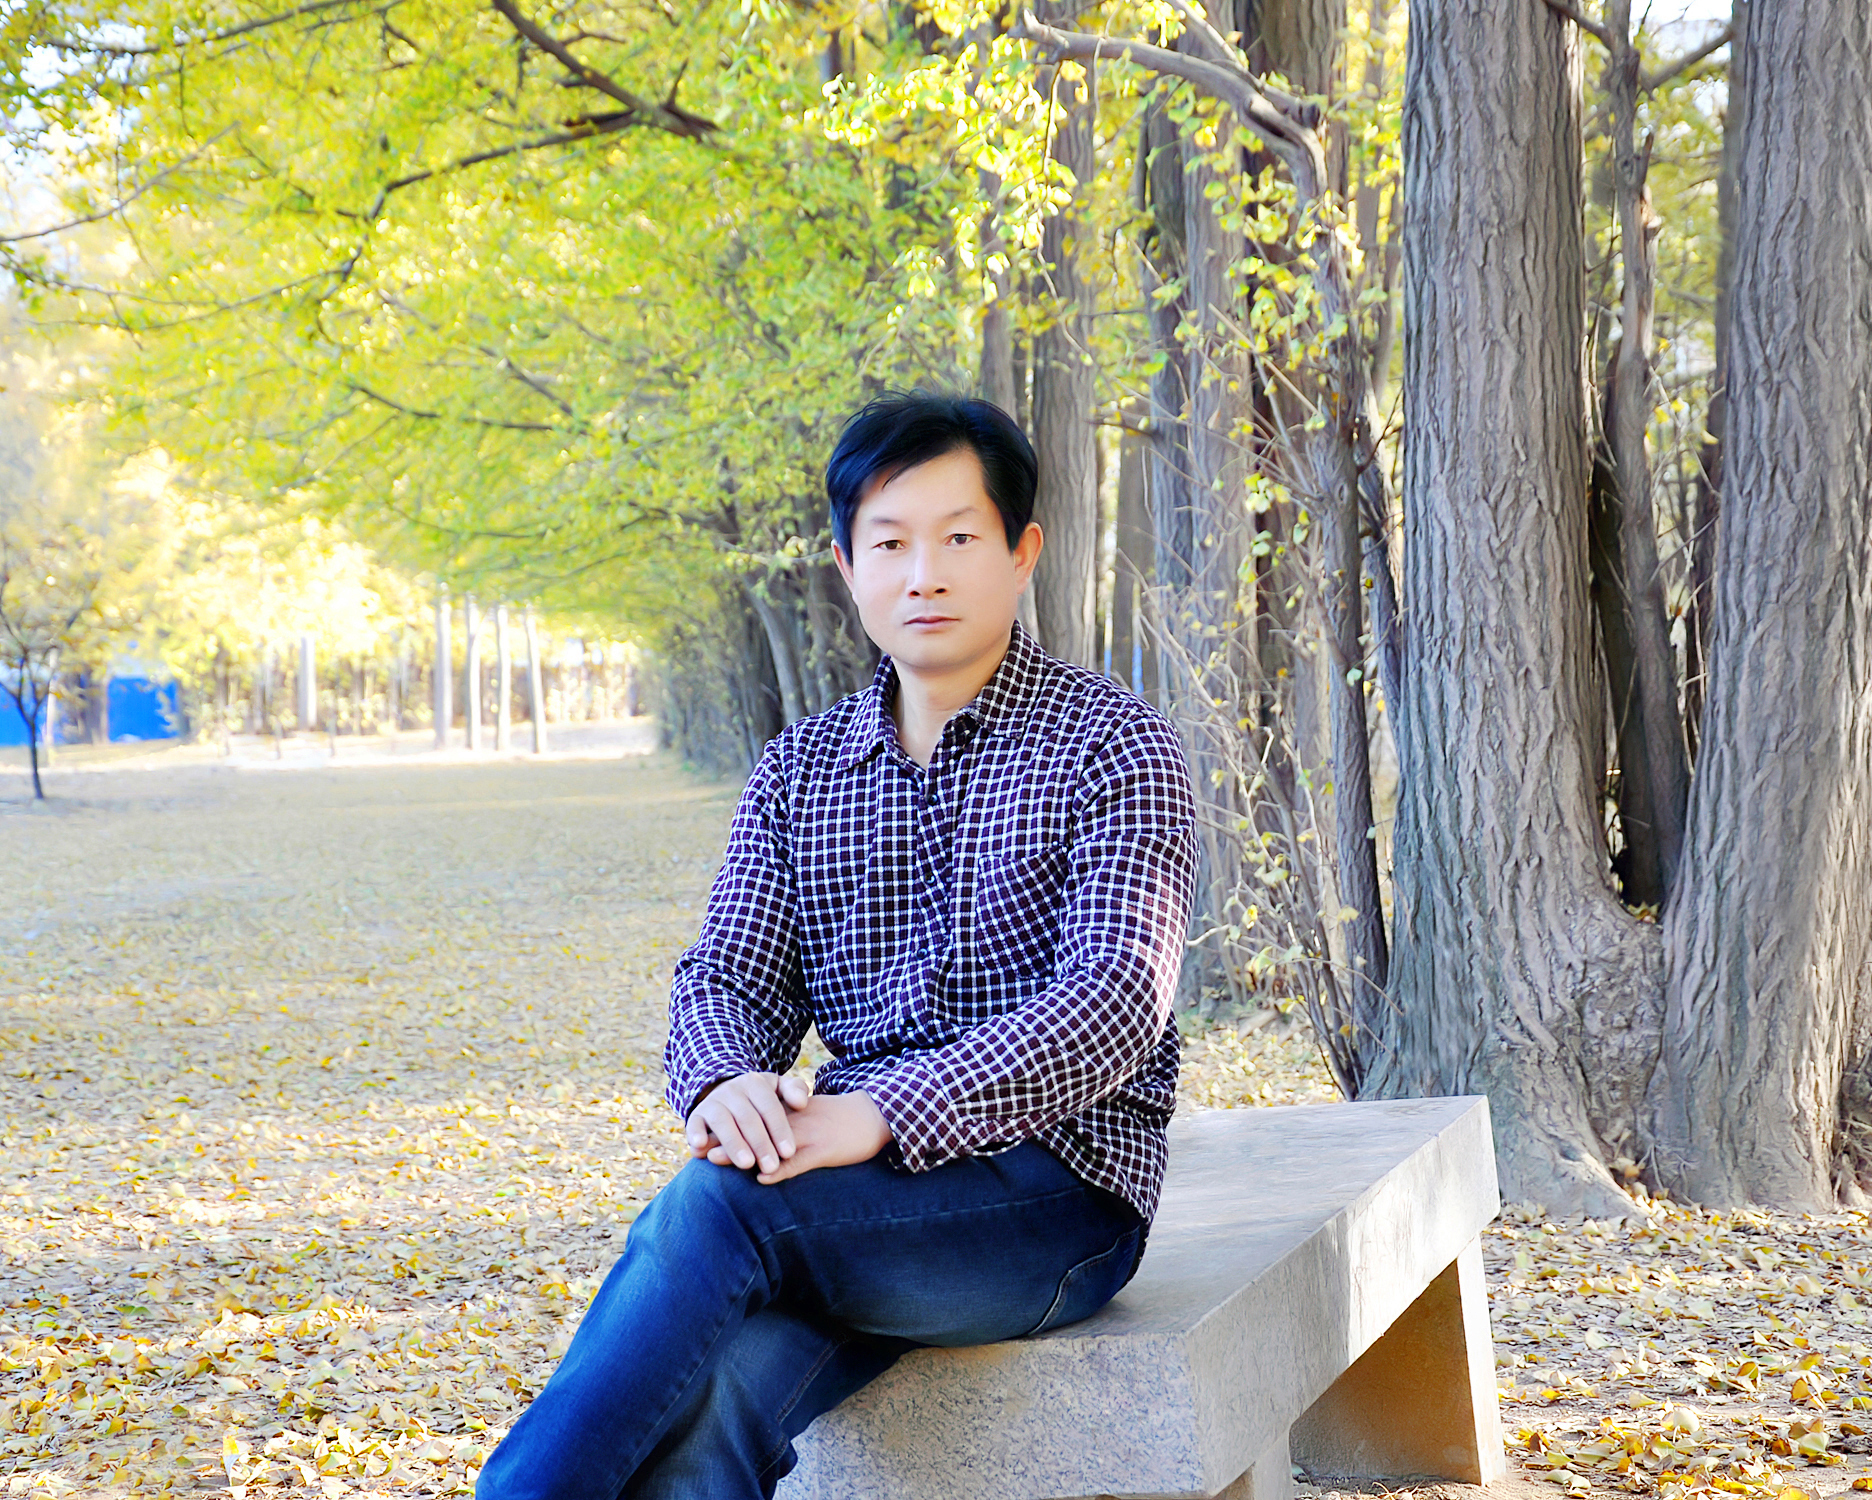 傲立山巅 笑看风景——访着名作家、十佳版主薛庆西